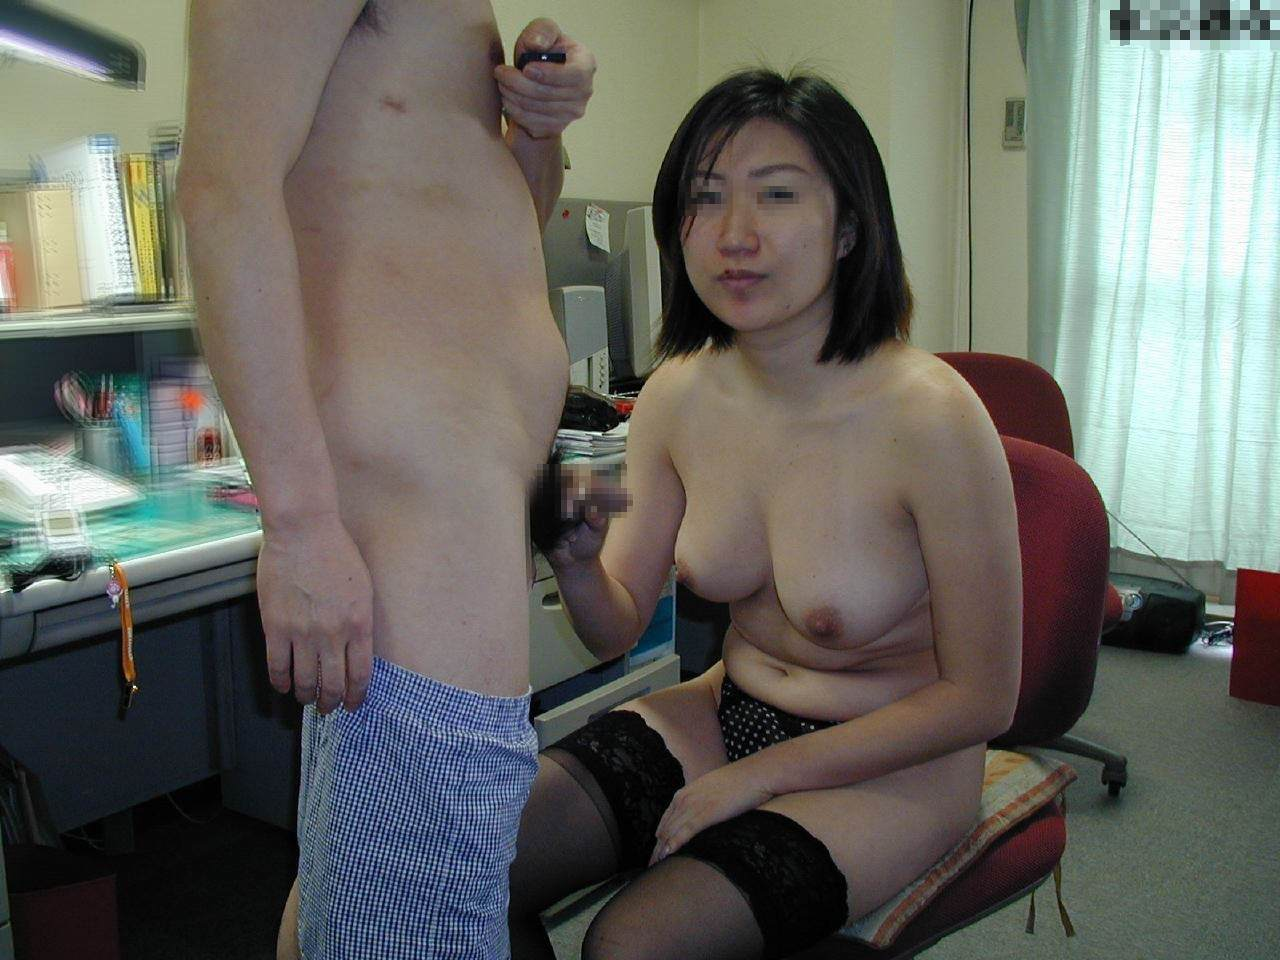 【熟女の手コキ】お母さんが男のチンポ握ってるとか信じられないwwwwwww 2943